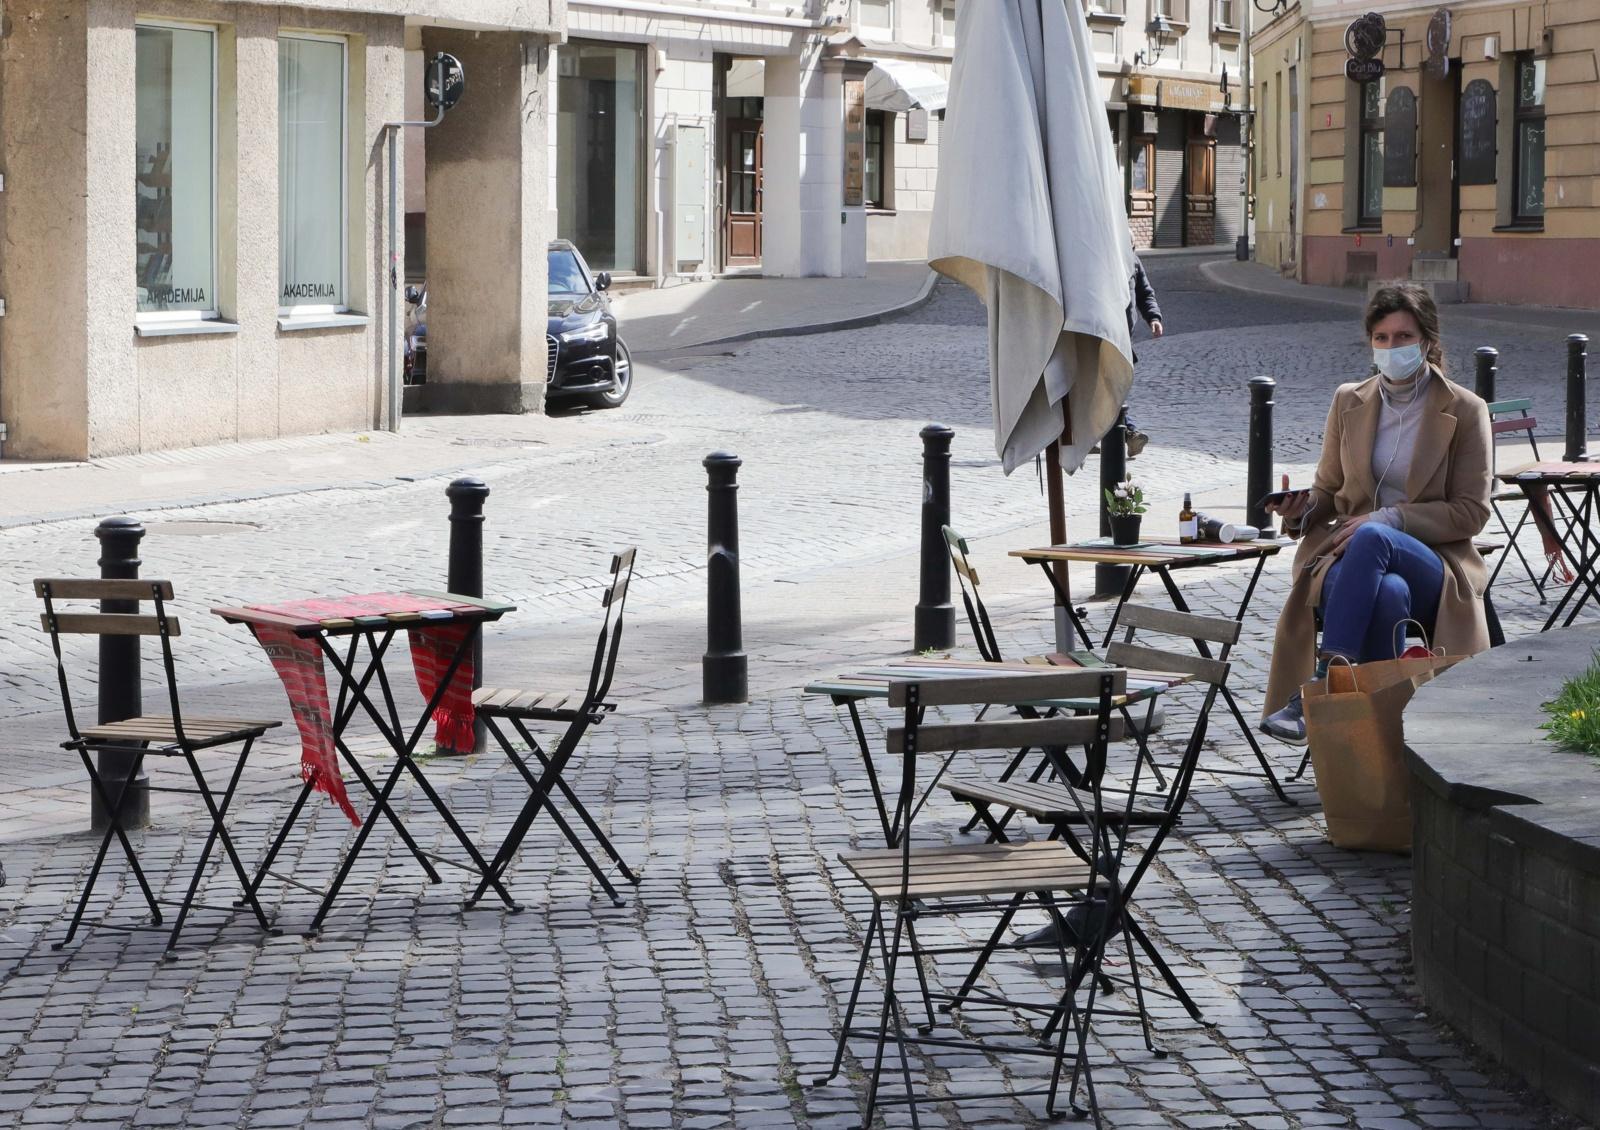 Restoranų ir kavinių planus jaukia sudėtingi reikalavimai, pakitę žmonių įpročiai